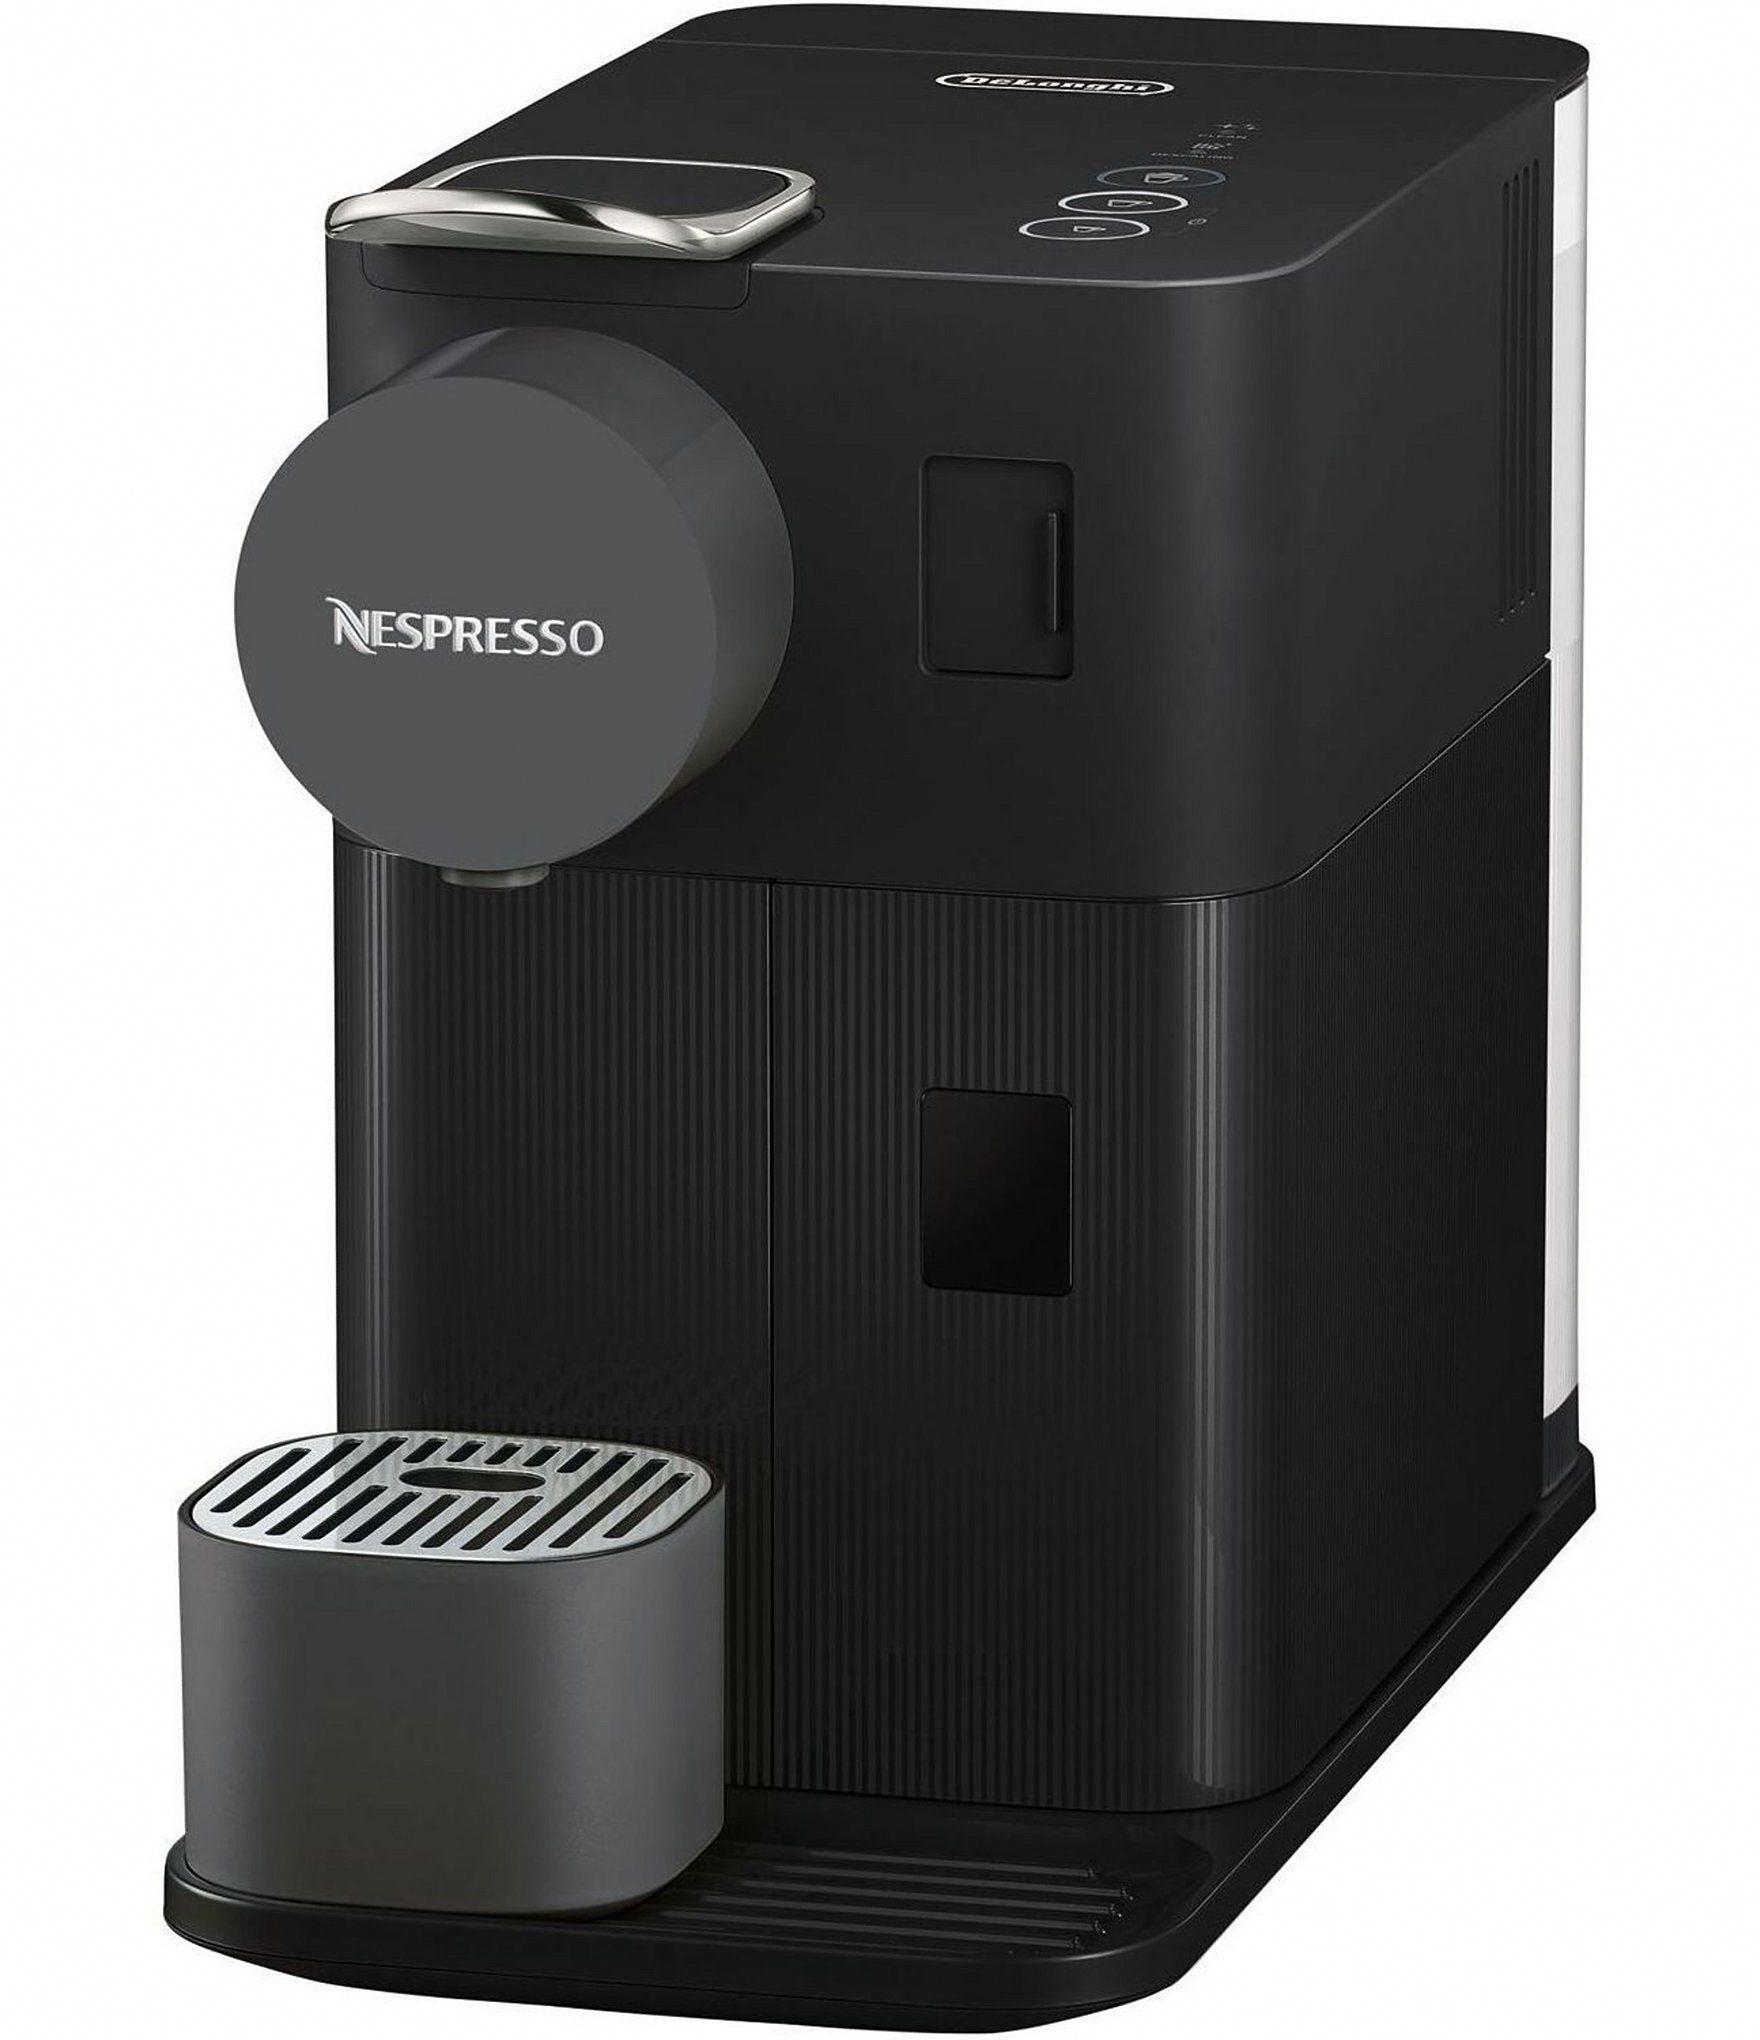 Nespresso by Delonghi Lattissima One SingleServe Espresso